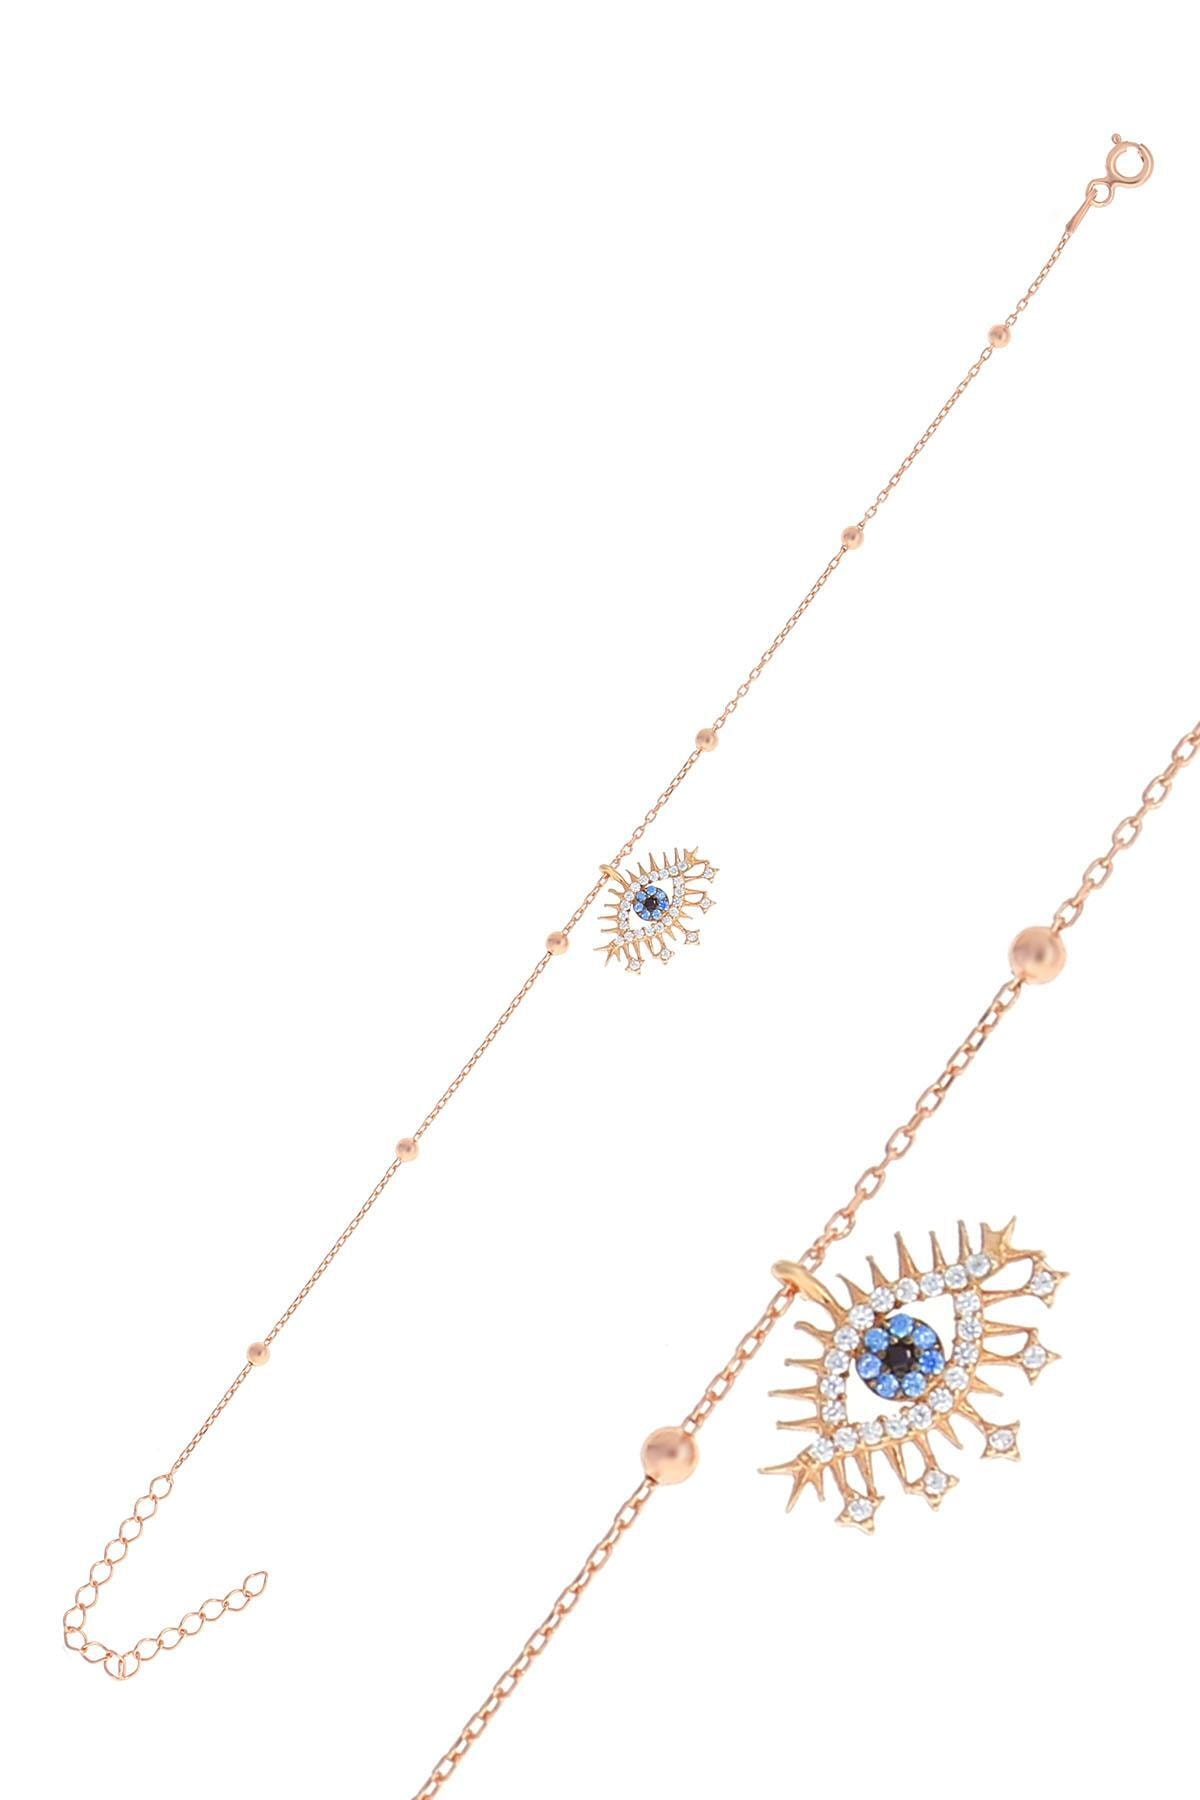 Söğütlü Silver Gümüş Rose Top Top Zincirli Lareyn Bileklik 0